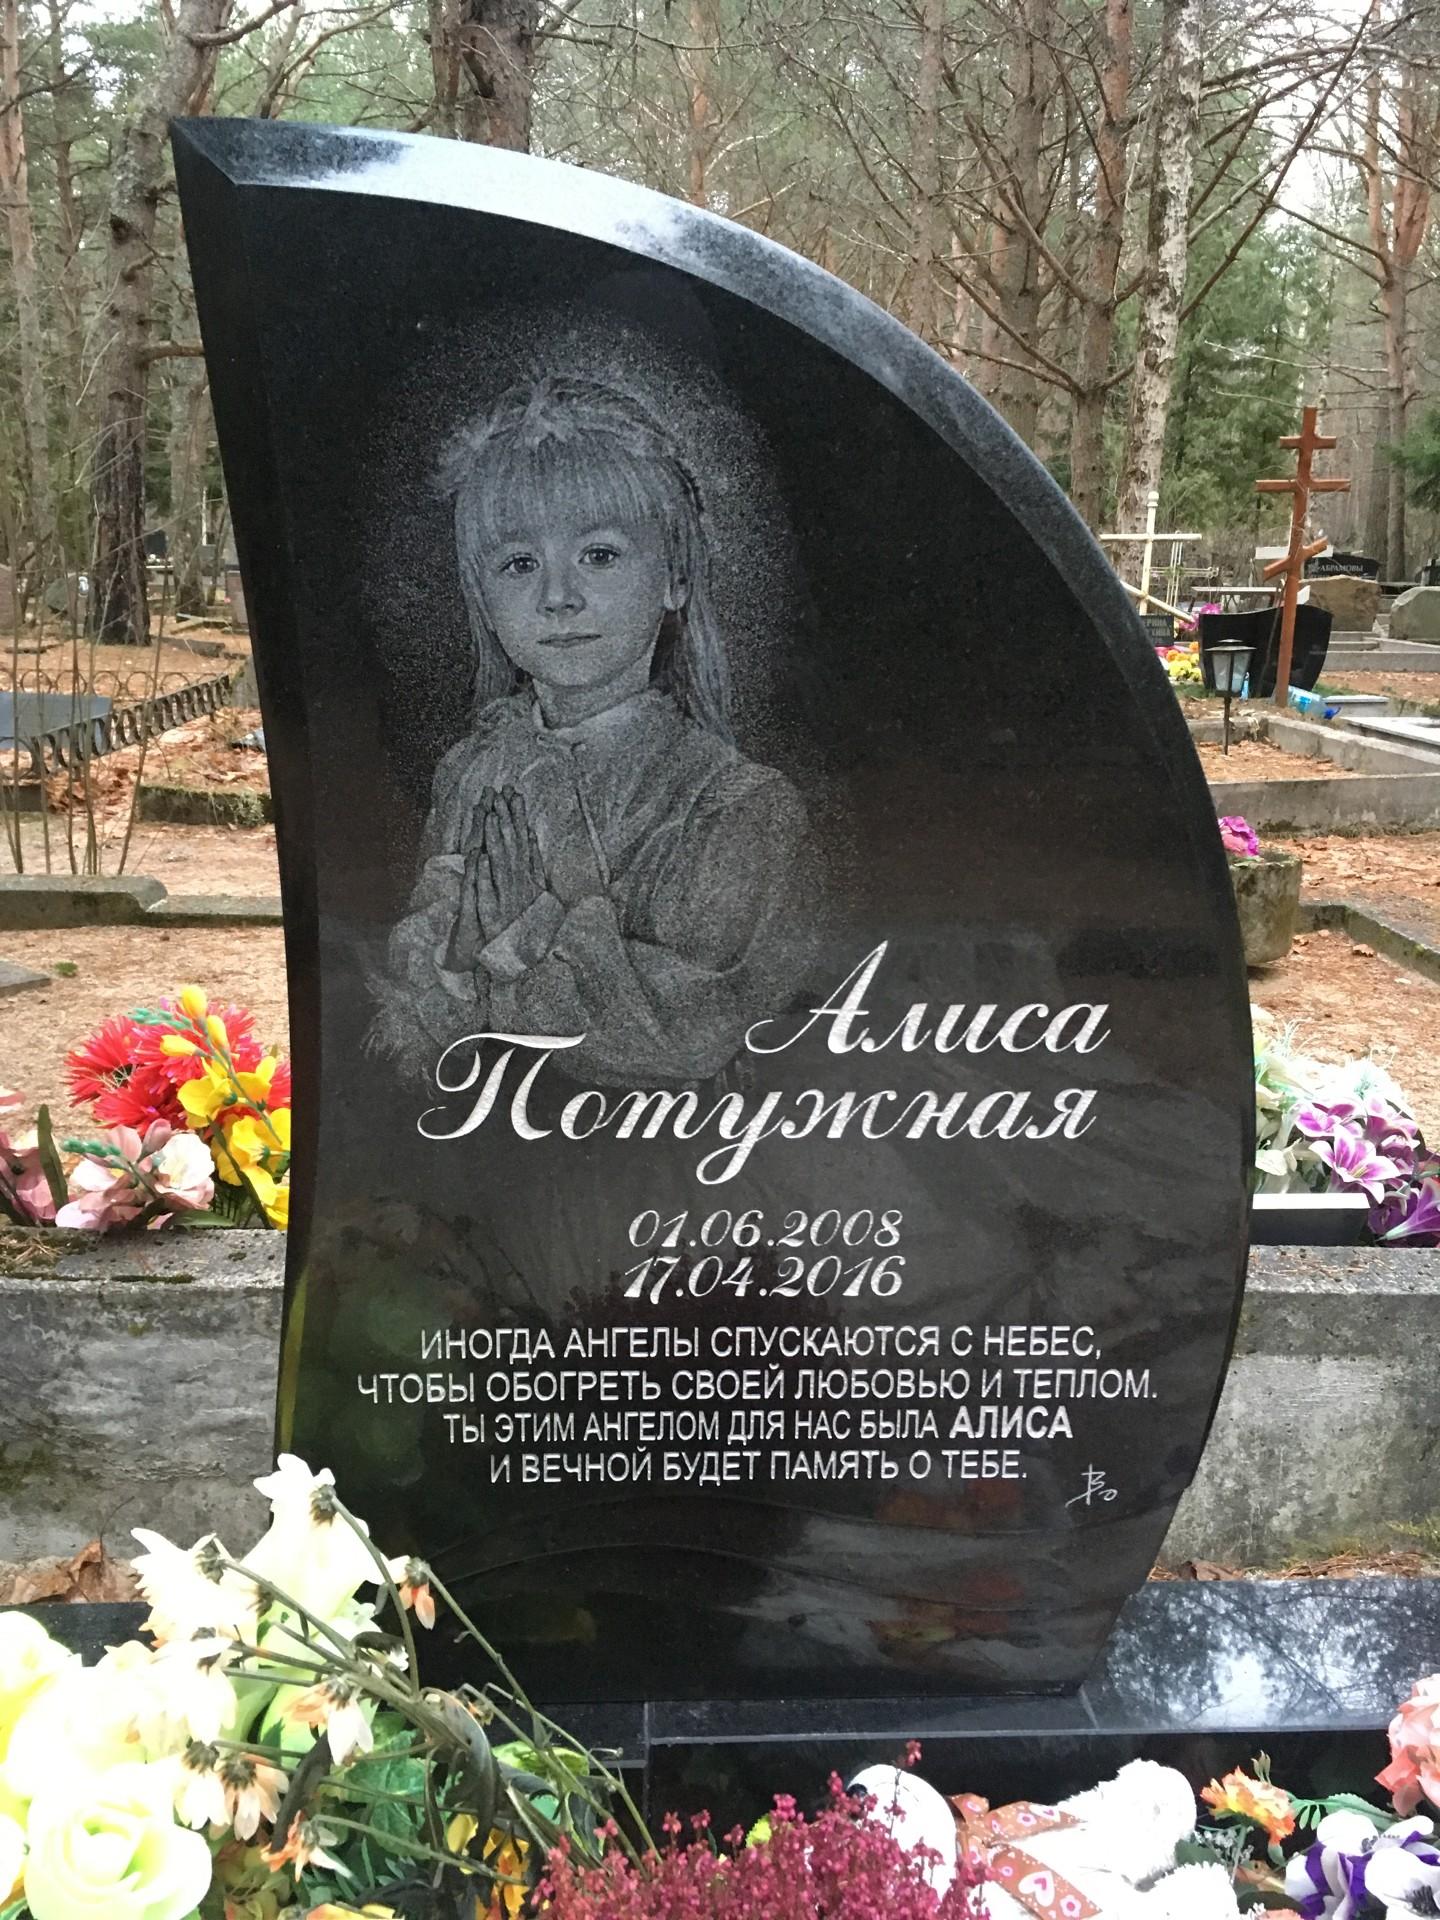 Памятники на могилу цены таллин памятники из ростова на дону тюмень